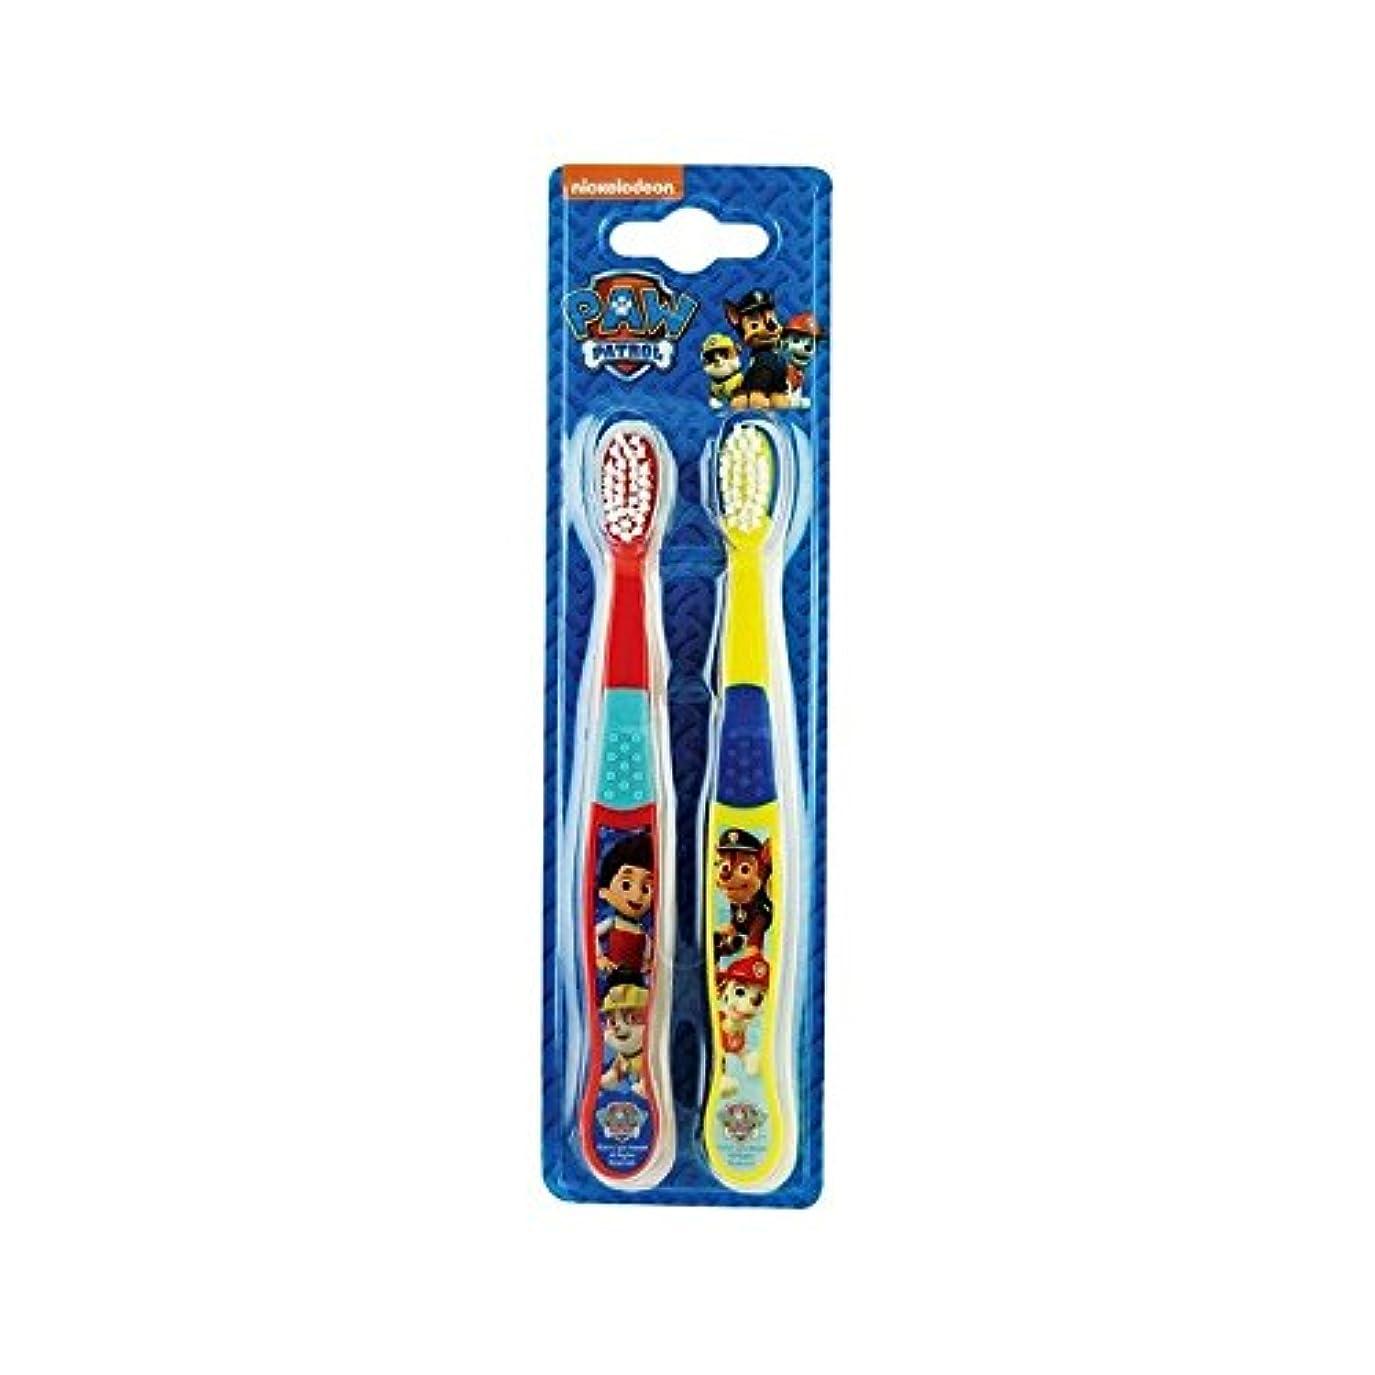 本部悪意のある療法1パックツイン歯ブラシ2 (Paw Patrol) (x 6) - Paw Patrol Twin Toothbrush 2 per pack (Pack of 6) [並行輸入品]